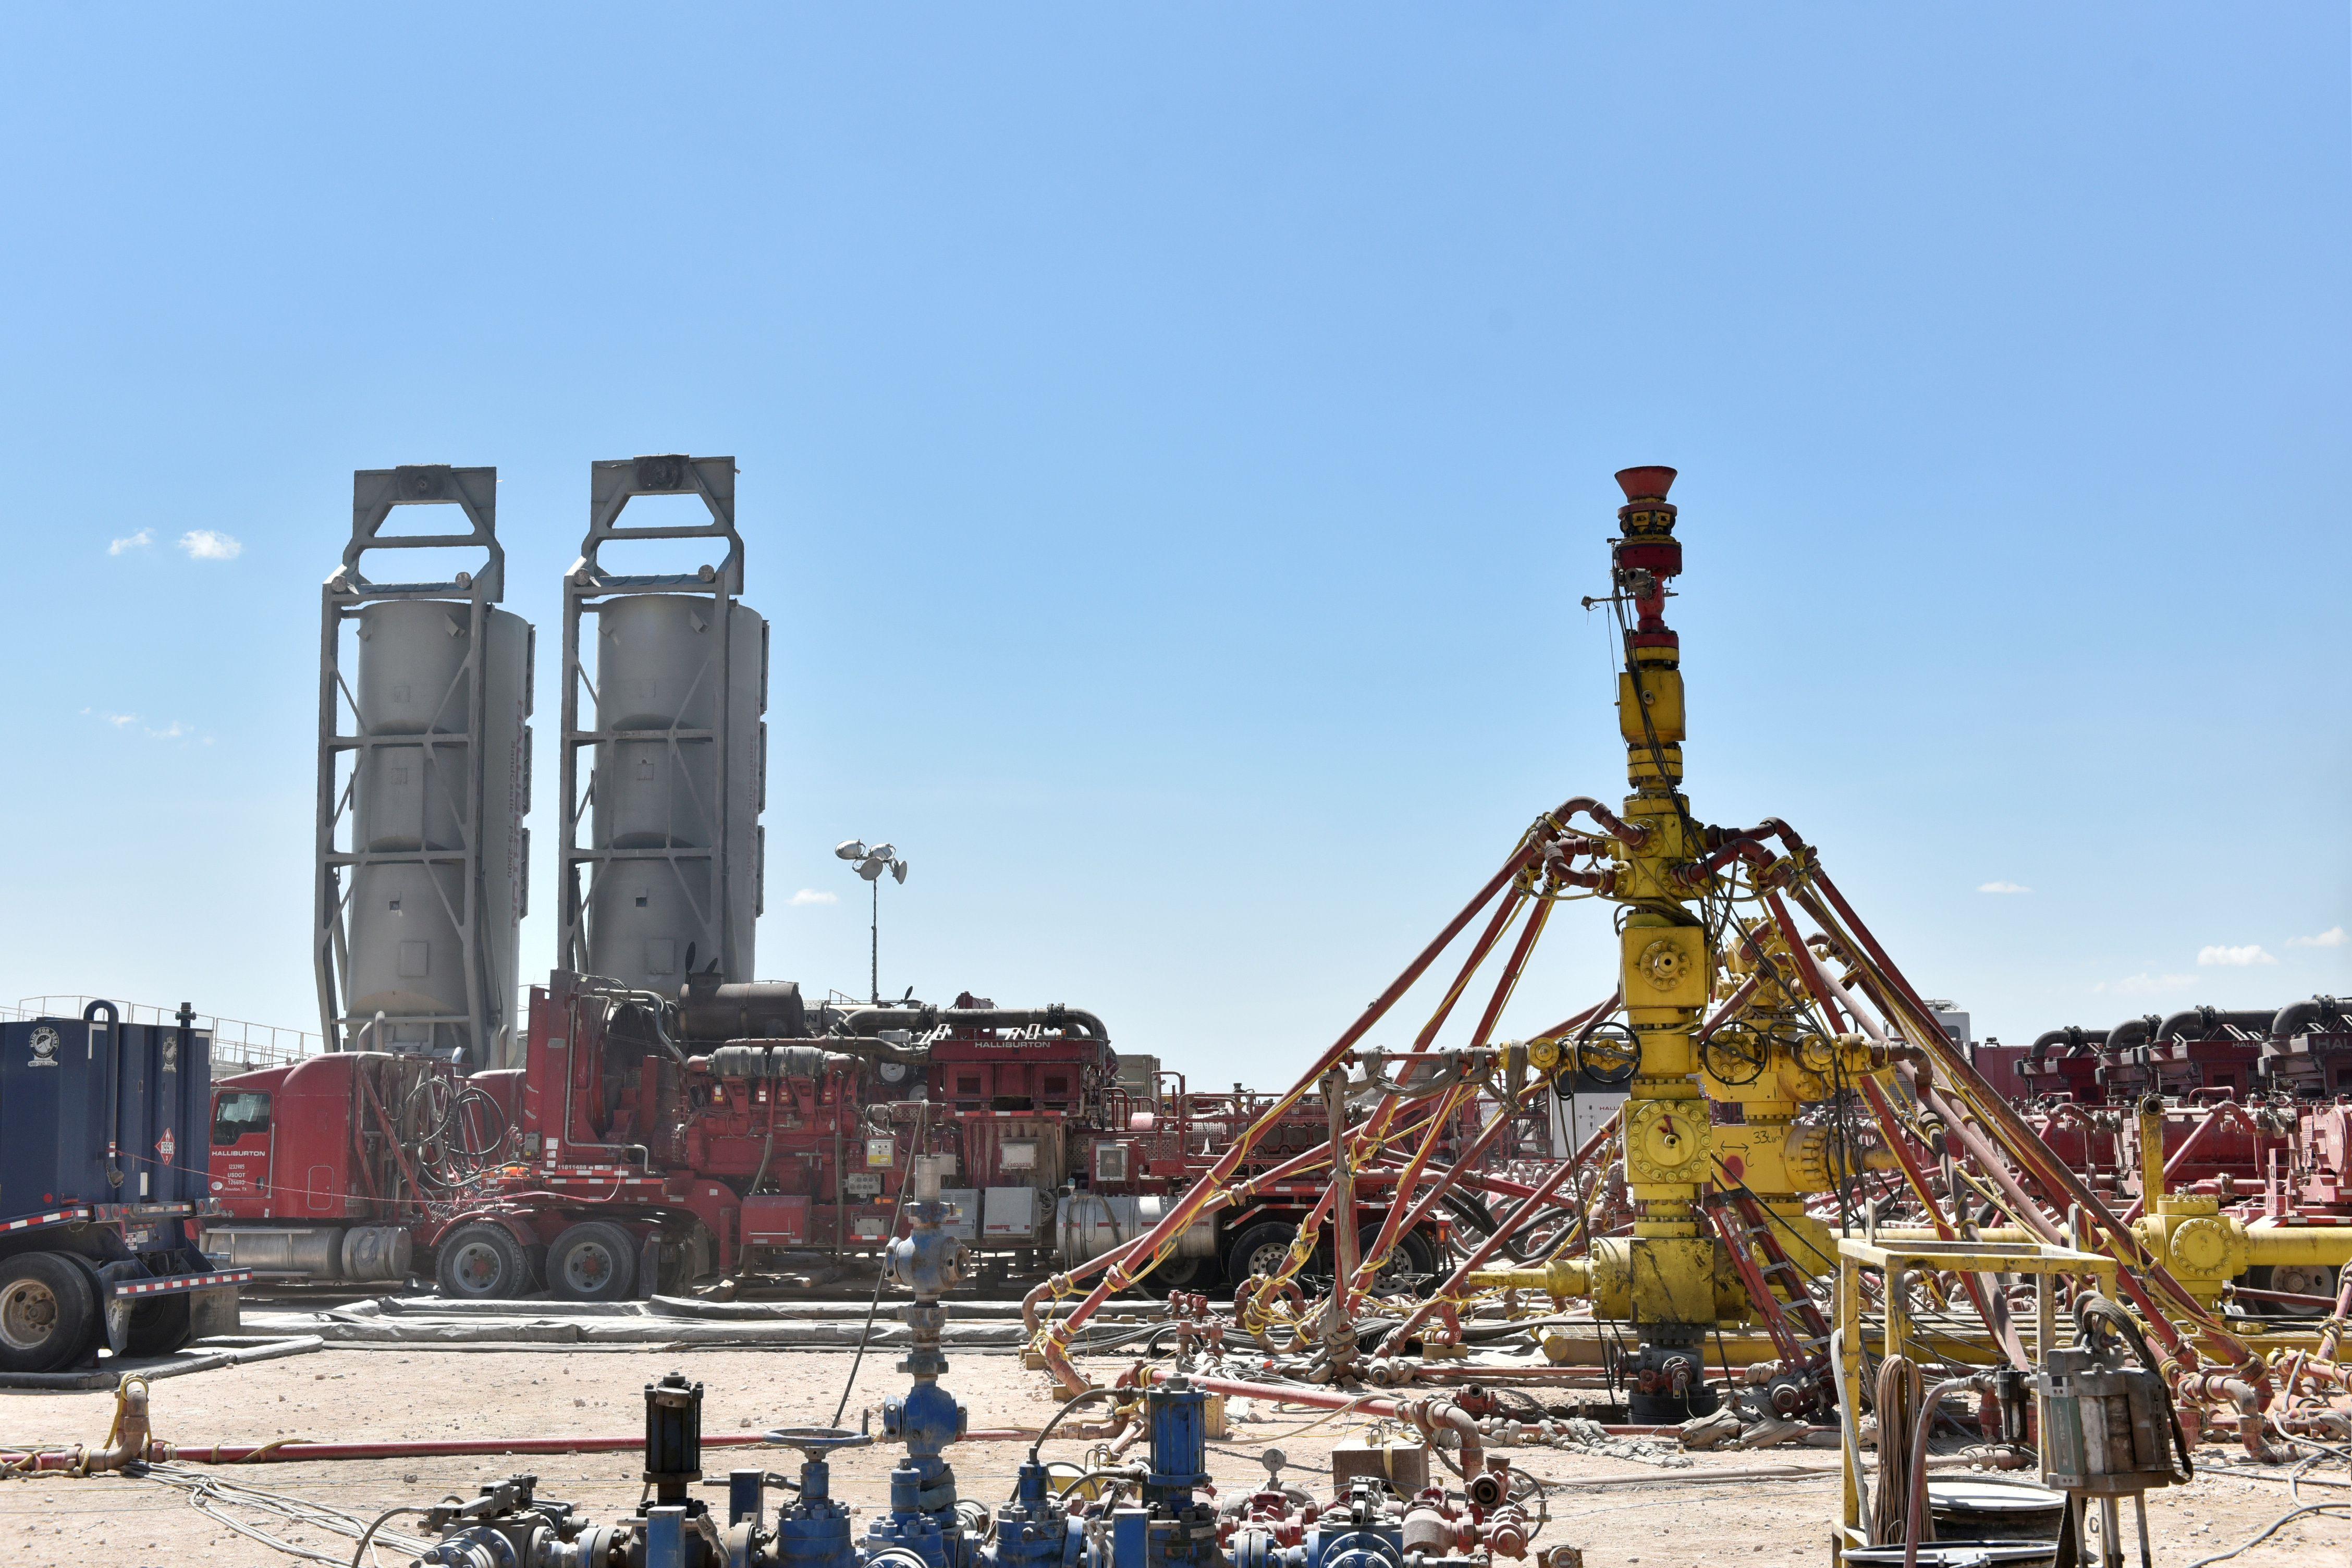 Foto de referencia de un poso de Fracking en Wink, Texas, Estados Unidos. / REUTERS - Nick Oxford